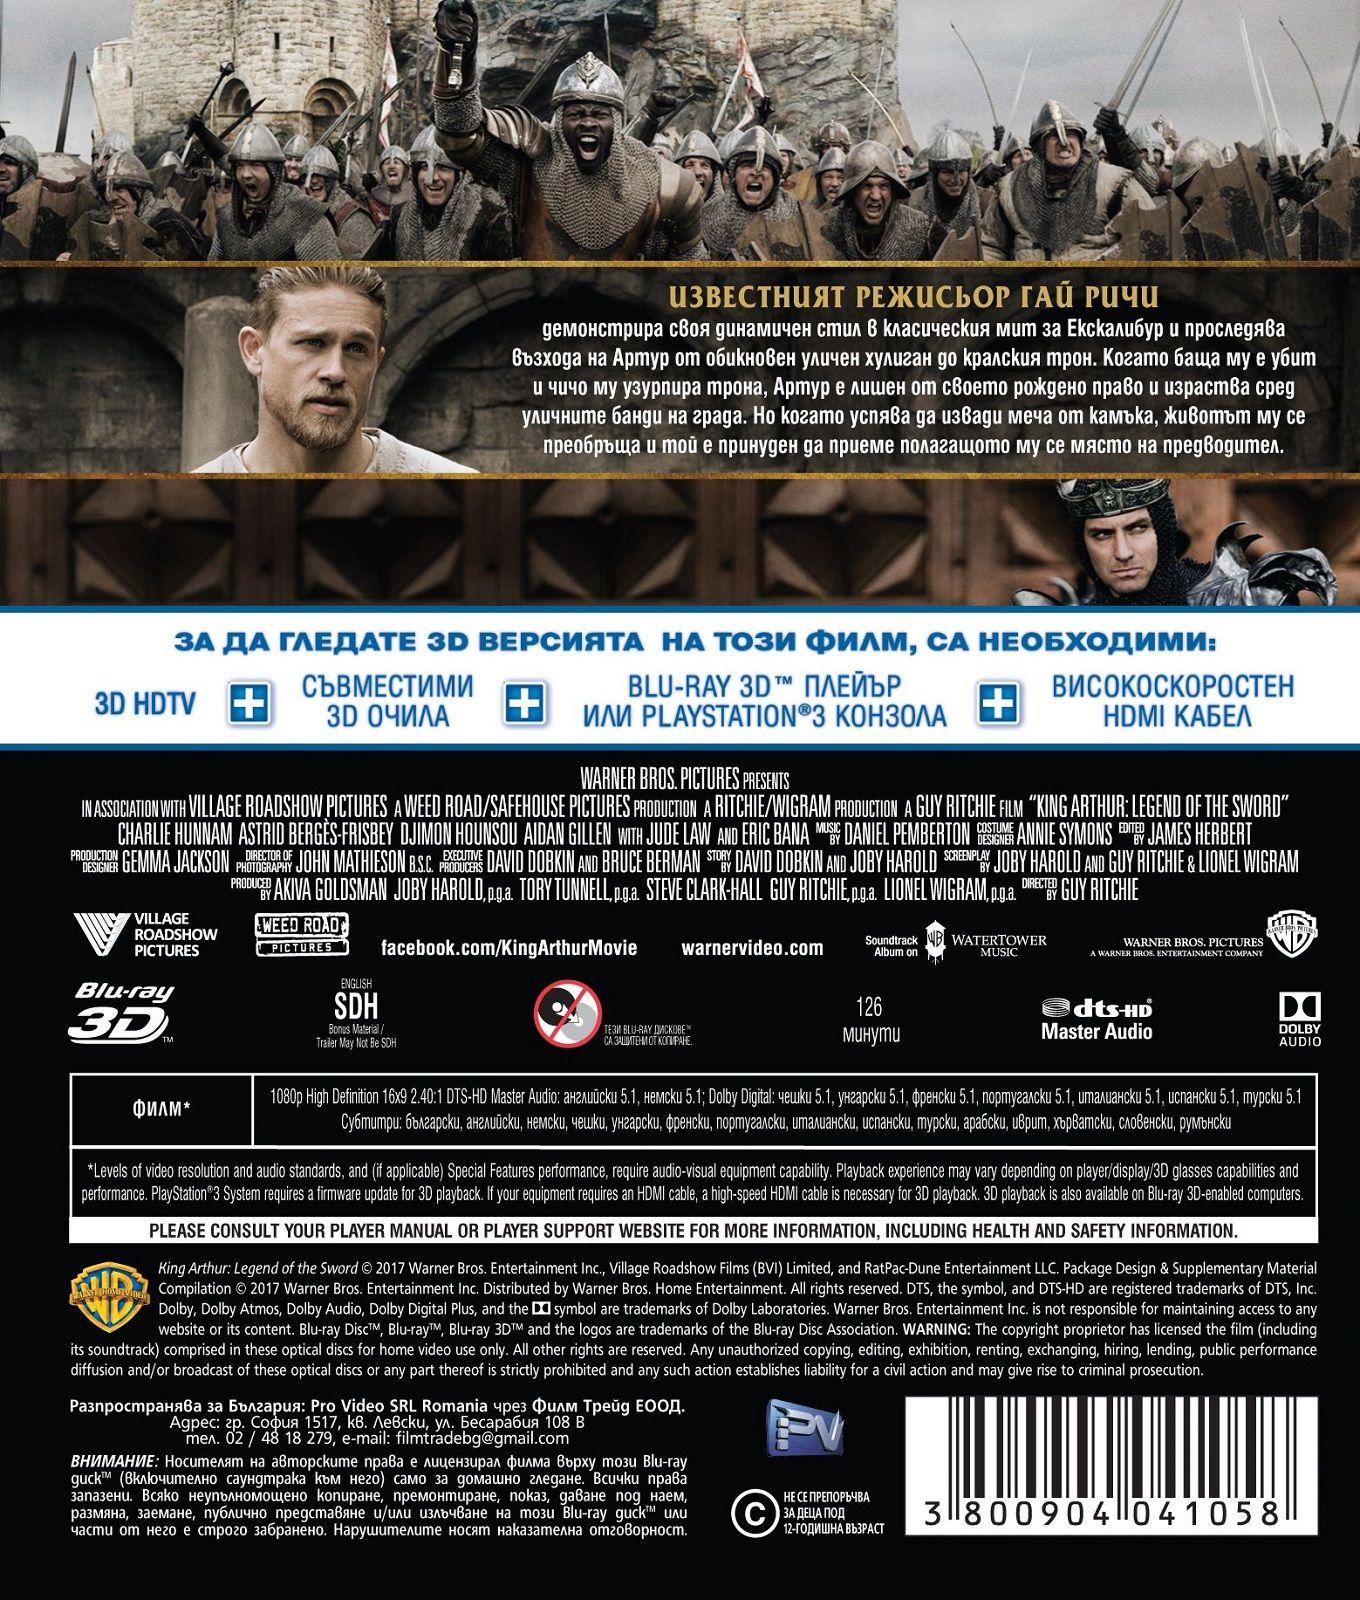 Крал Артур: Легенда за меча 3D (Blu-Ray) - 3